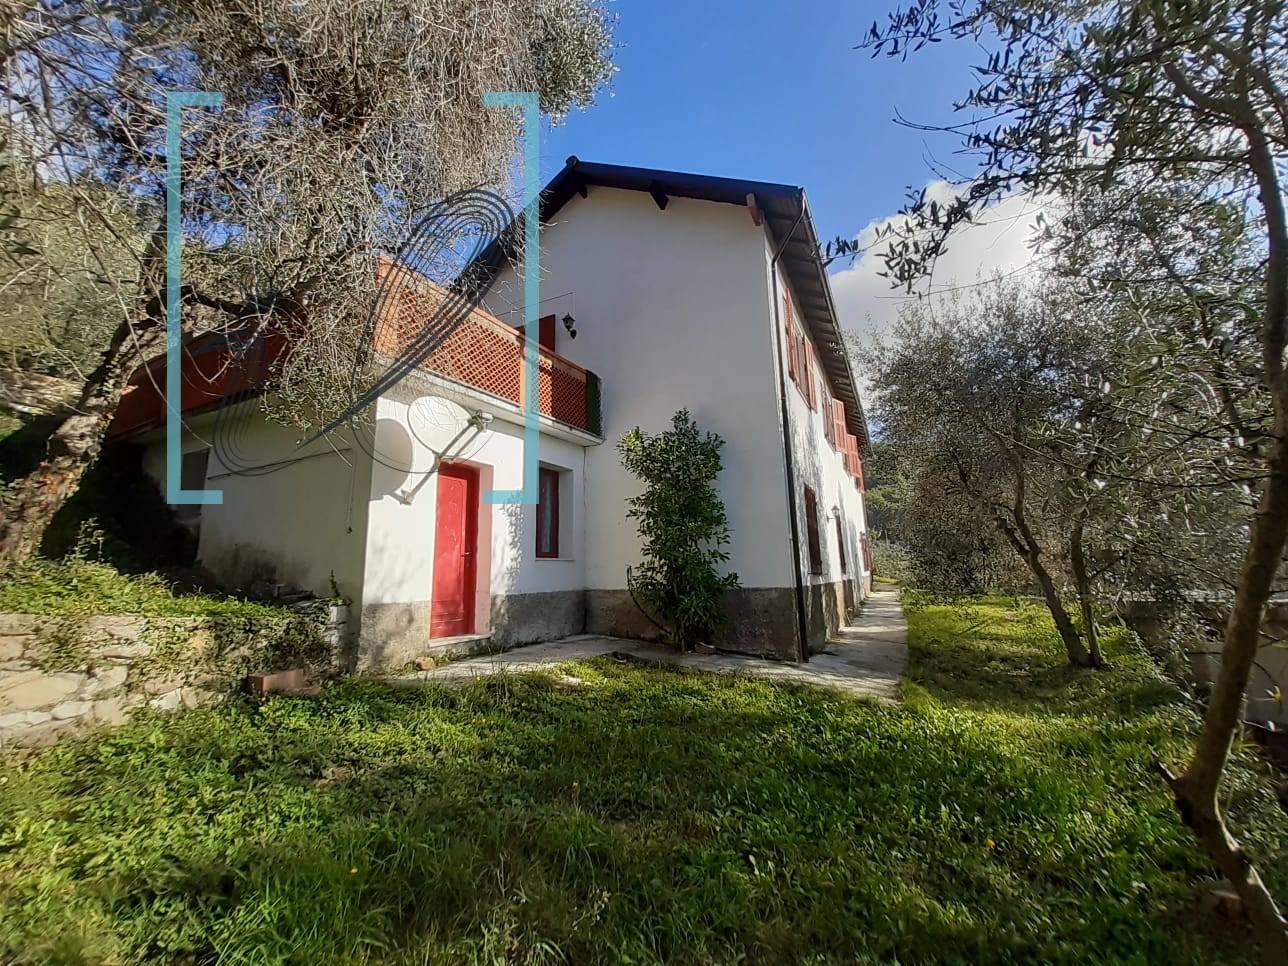 Soluzione Indipendente in vendita a Aurigo, 6 locali, prezzo € 218.000 | PortaleAgenzieImmobiliari.it